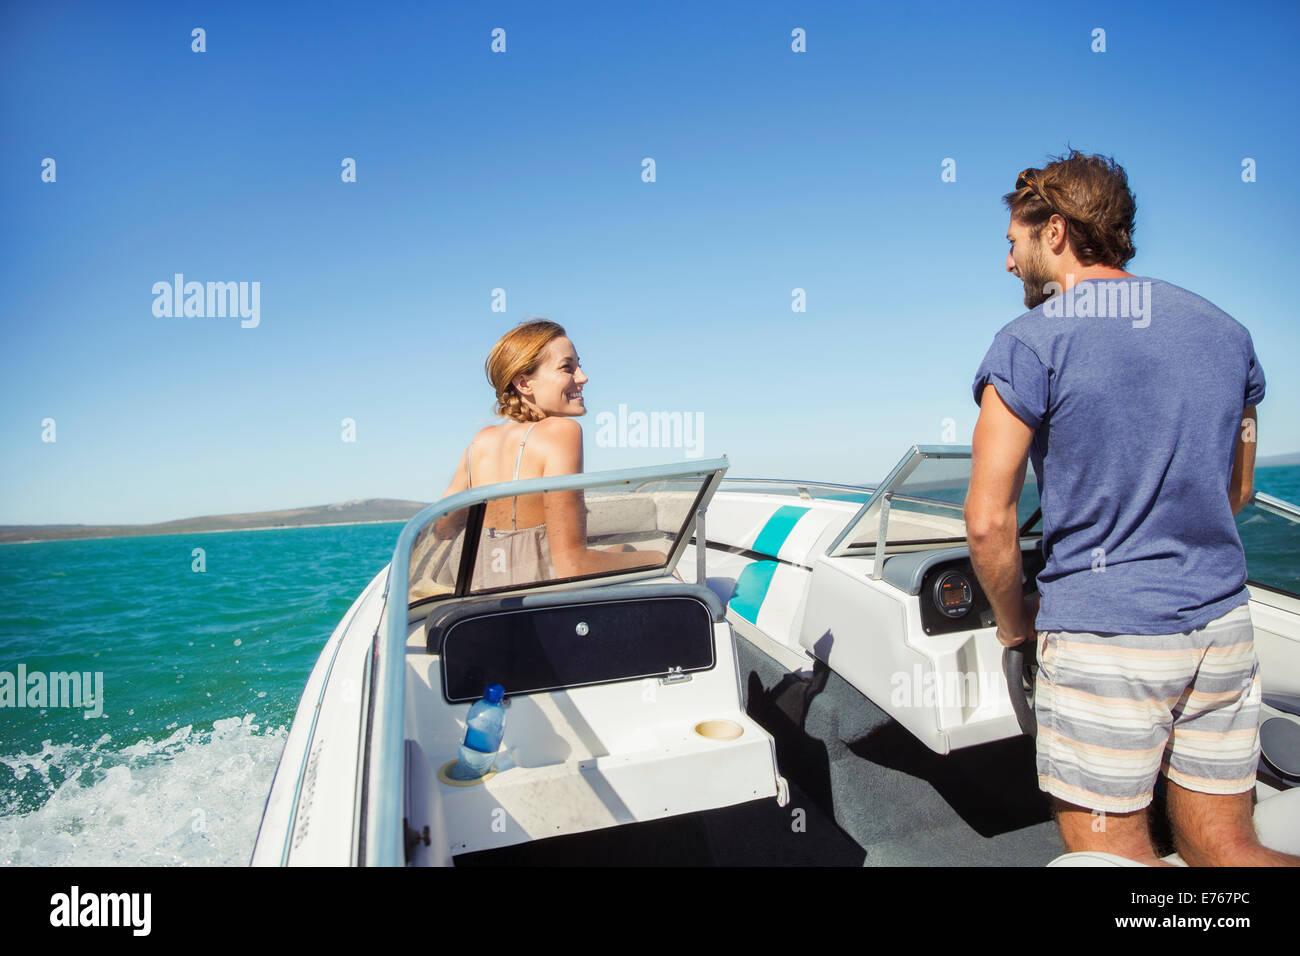 El hombre barco con dirección novia Imagen De Stock